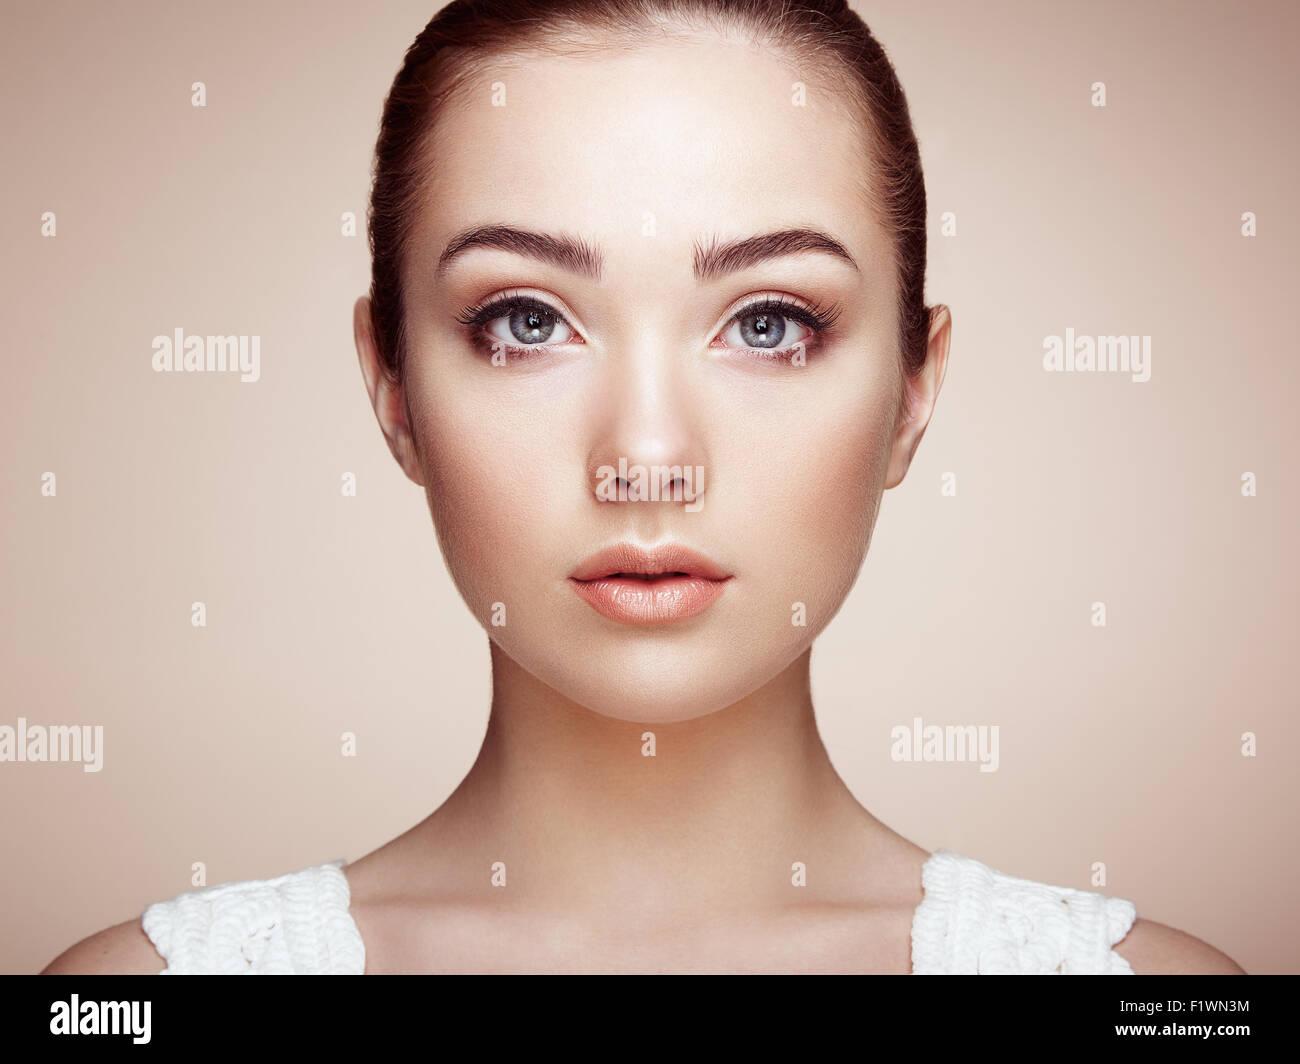 Belle femme visage. Maquillage parfait. Beauty fashion. Les cils. Ombre à paupières cosmétique Photo Stock